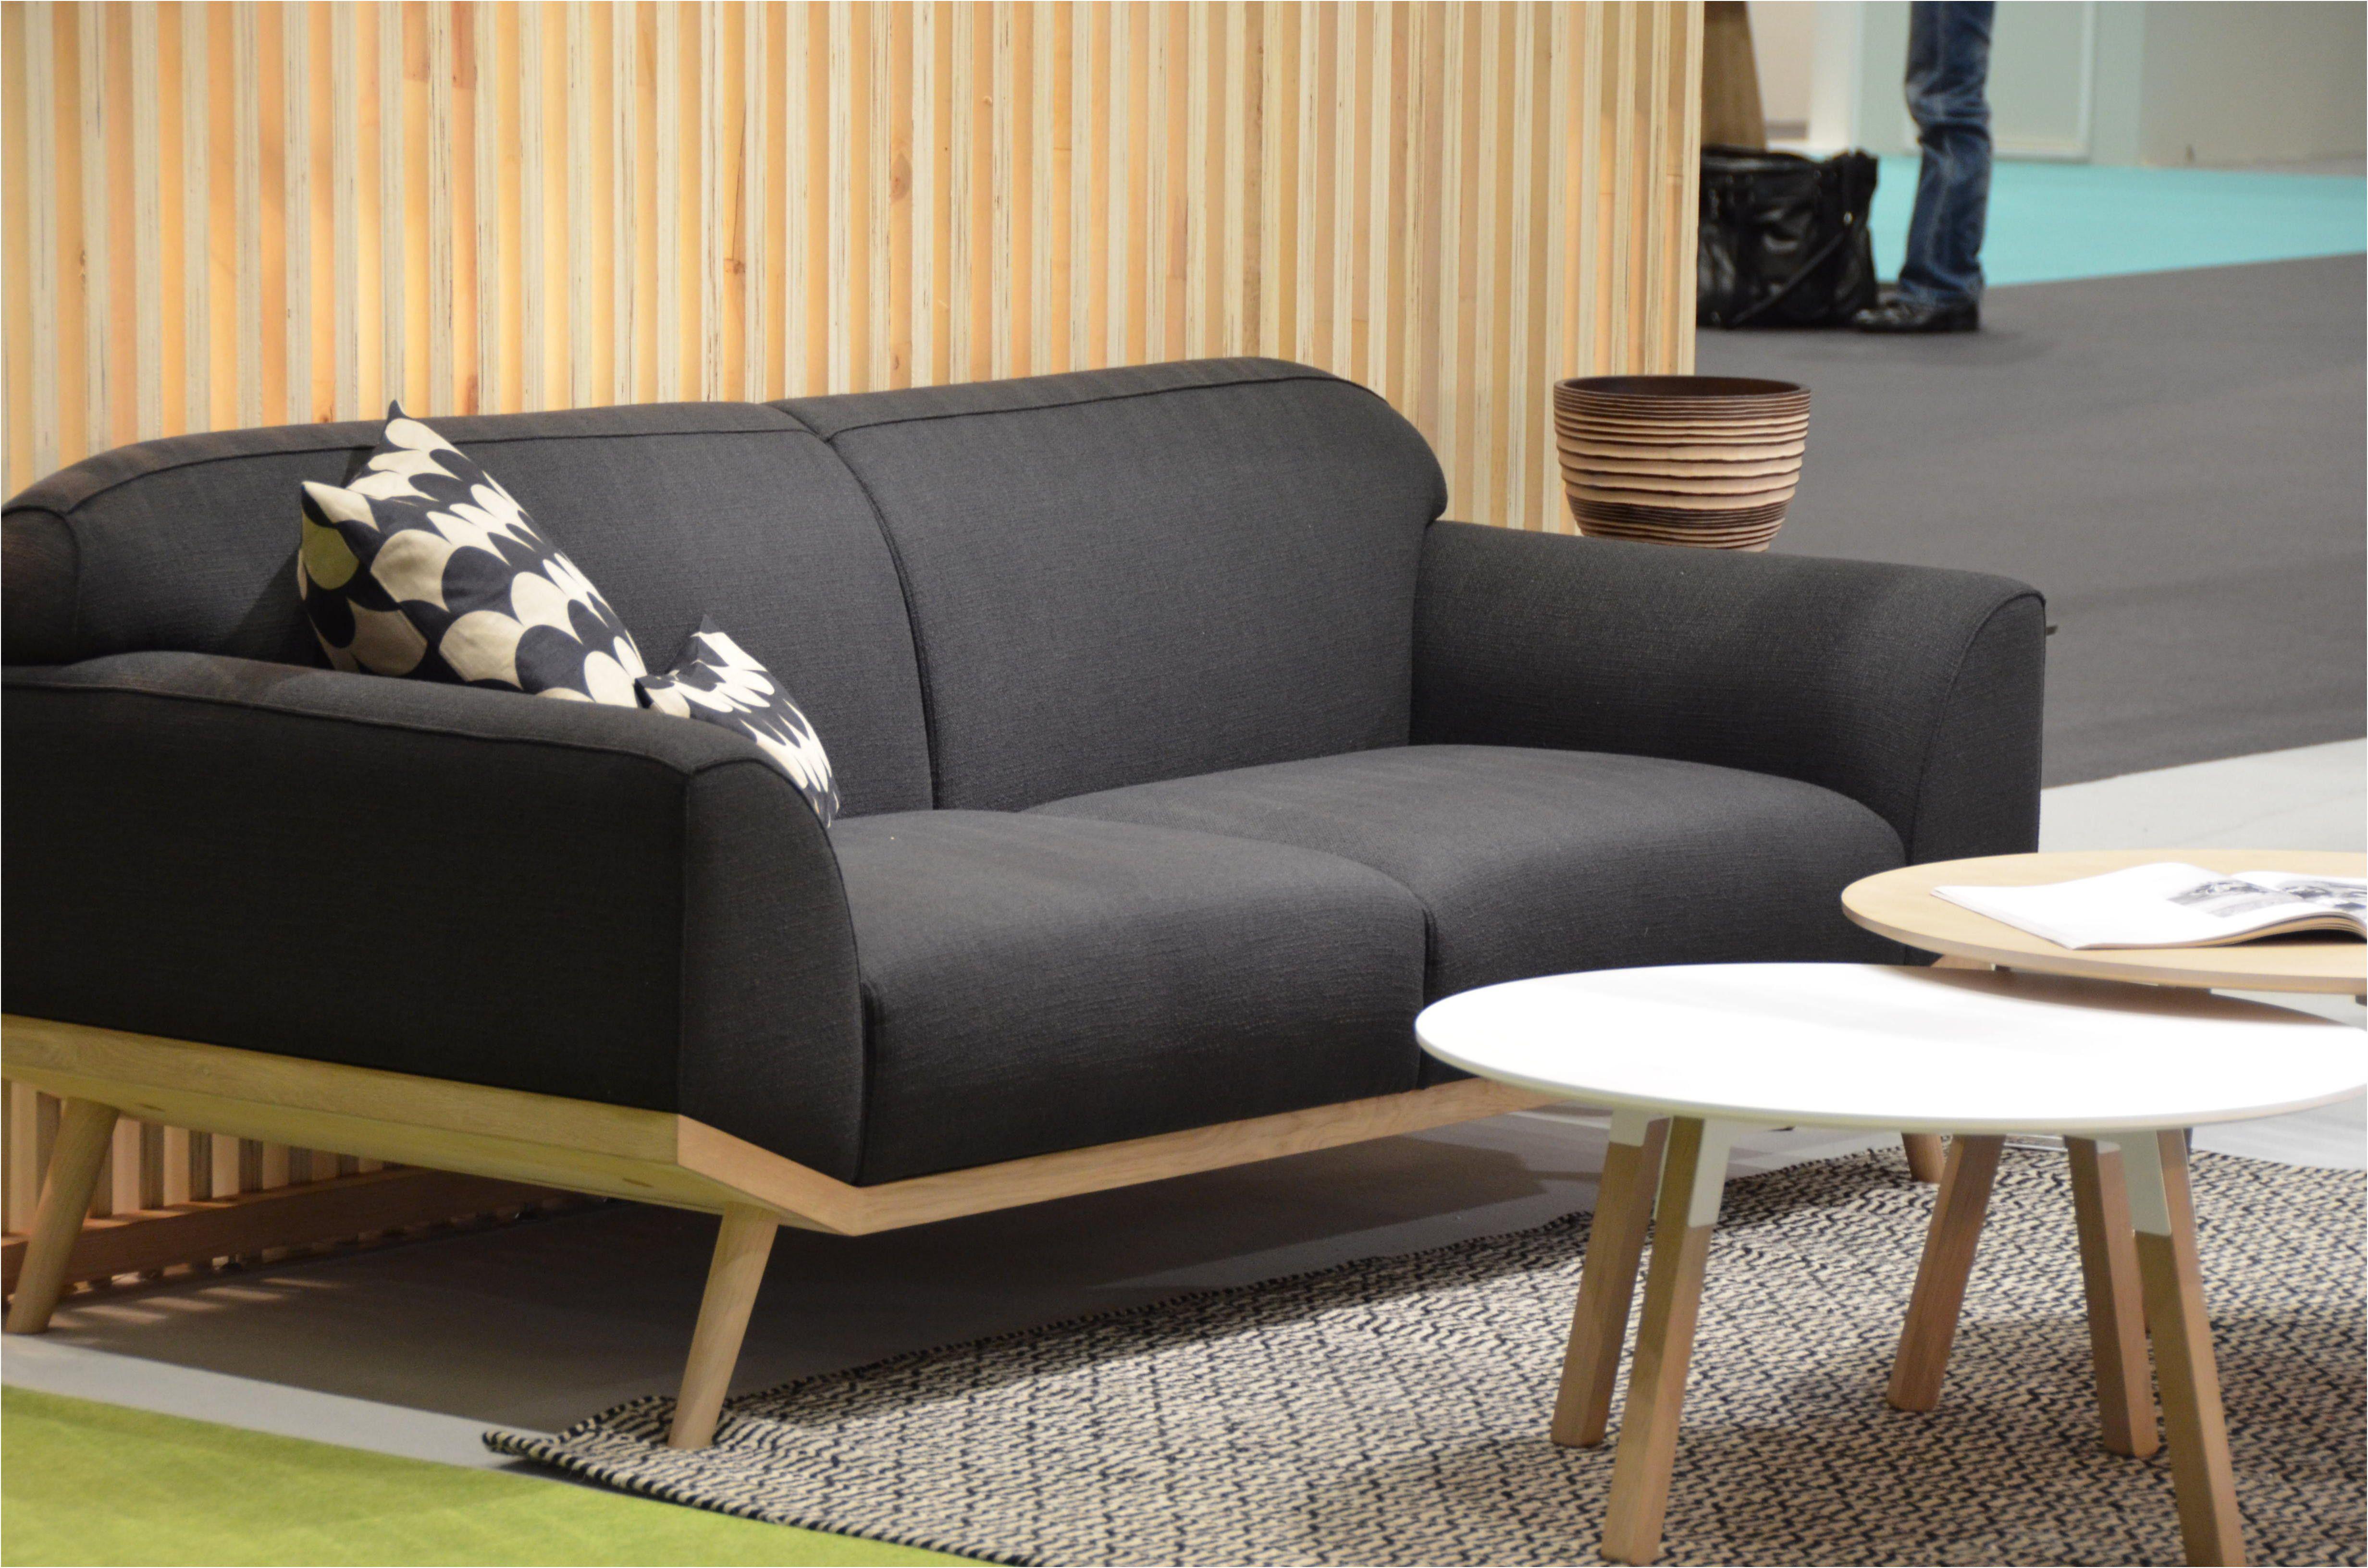 Komplett Otto Sofa 3 2 1 Home Decor Couch Sofa